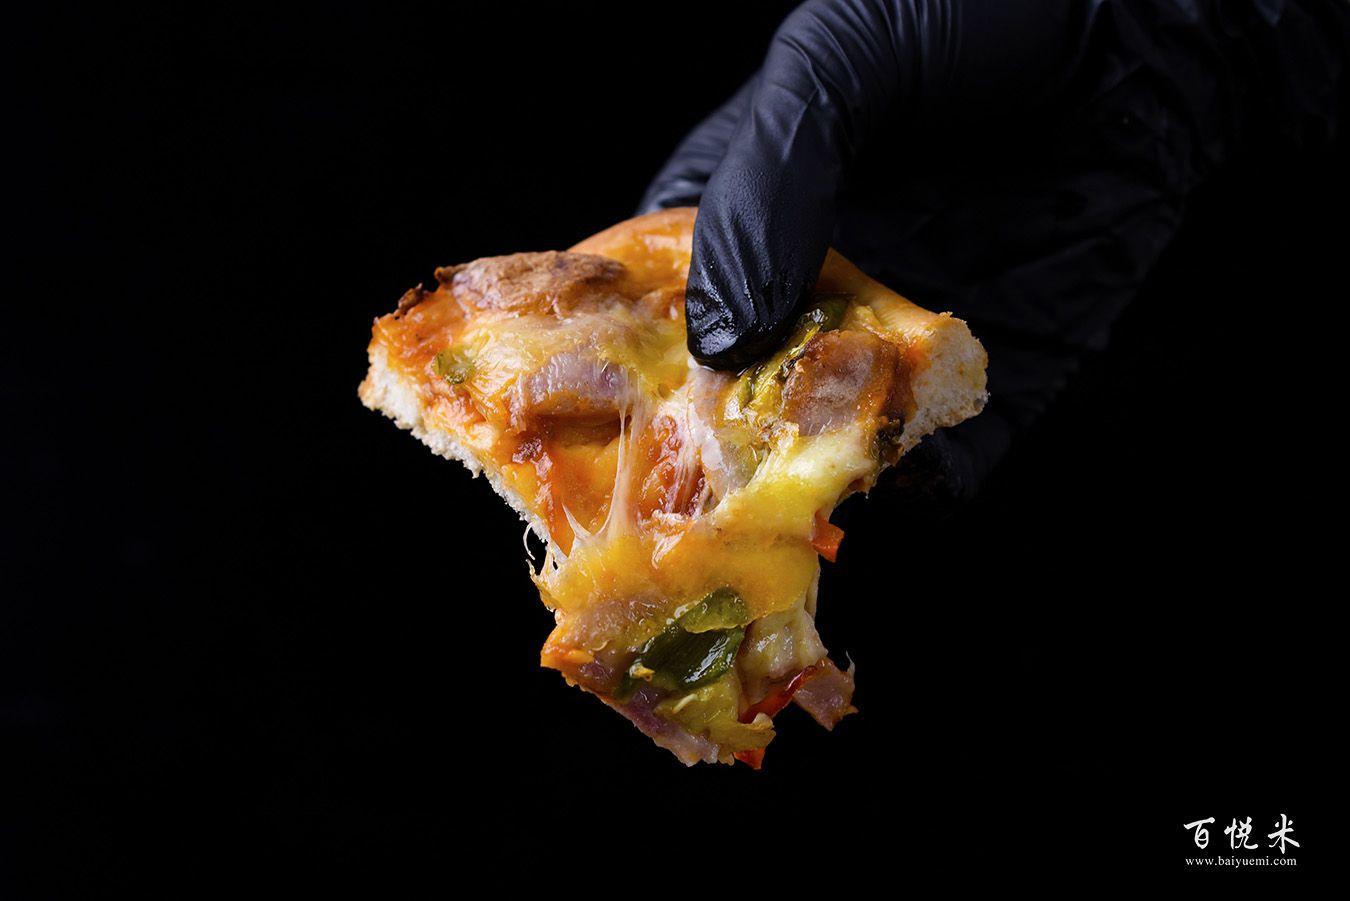 脆肠披萨高清图片大全【蛋糕图片】_1188